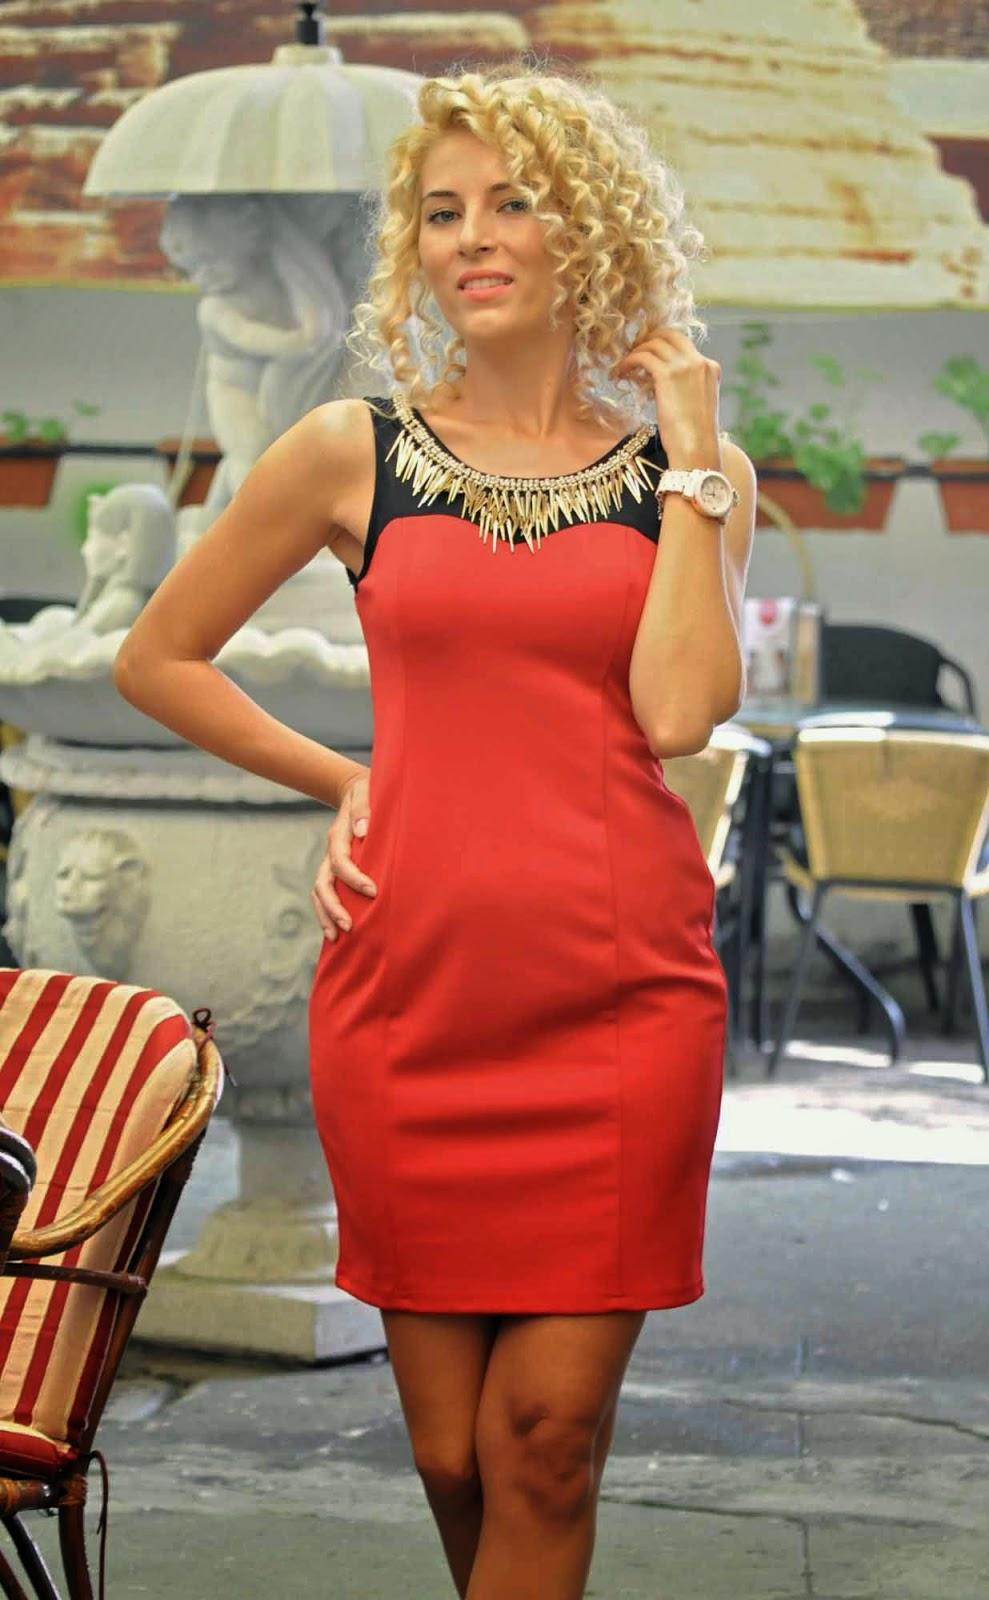 rochii din noua colectie La Femme 1